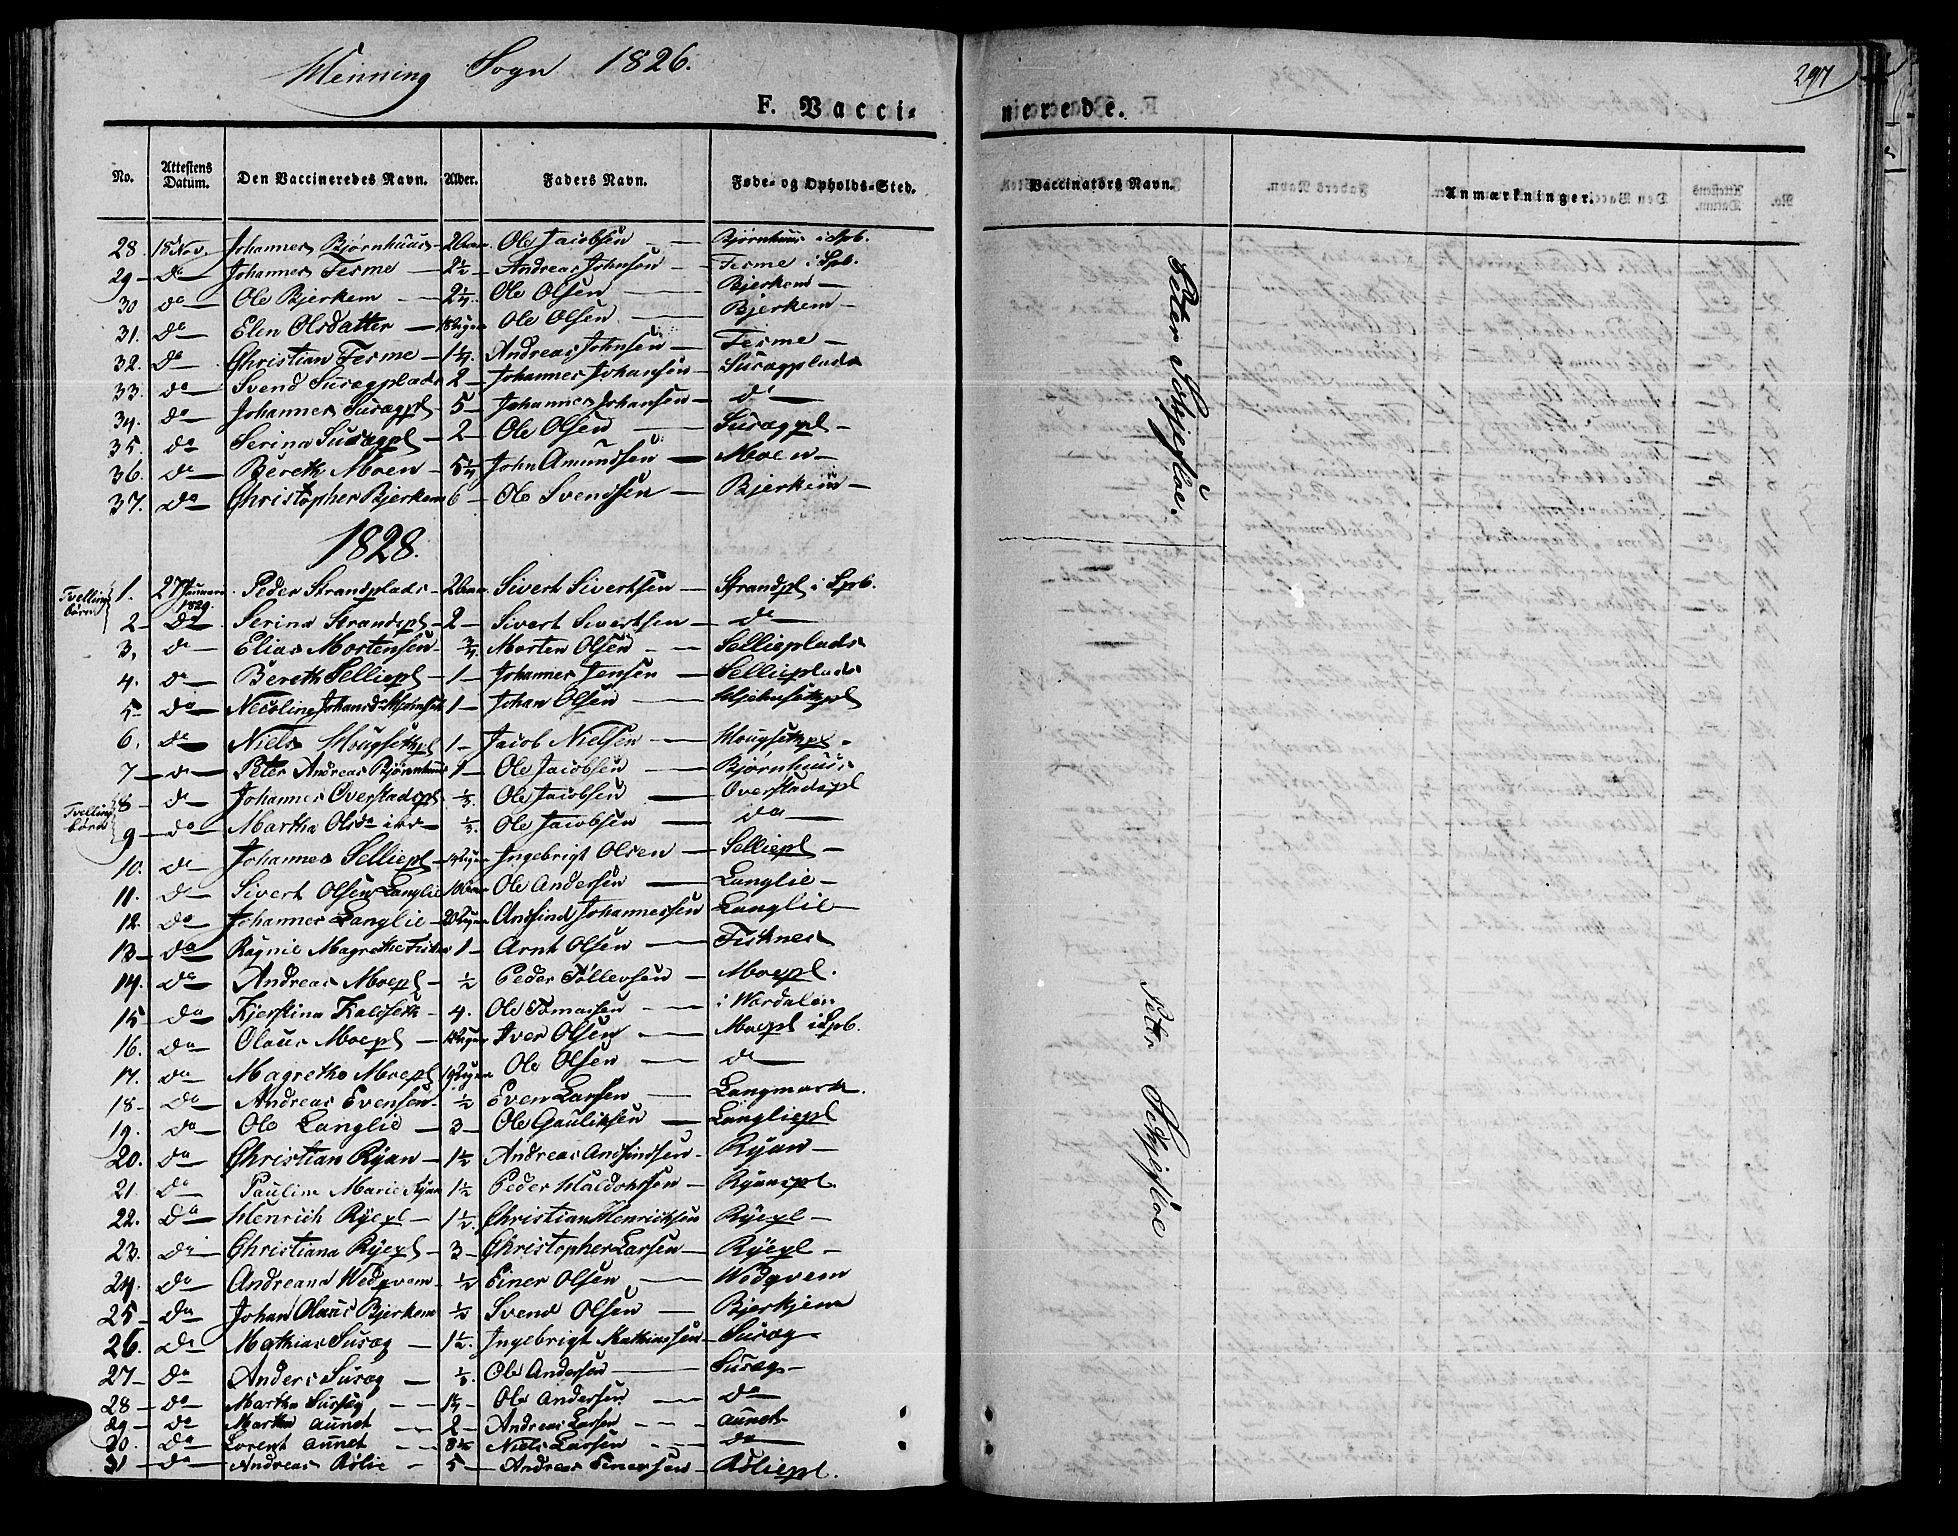 SAT, Ministerialprotokoller, klokkerbøker og fødselsregistre - Nord-Trøndelag, 735/L0336: Ministerialbok nr. 735A05 /1, 1825-1835, s. 297